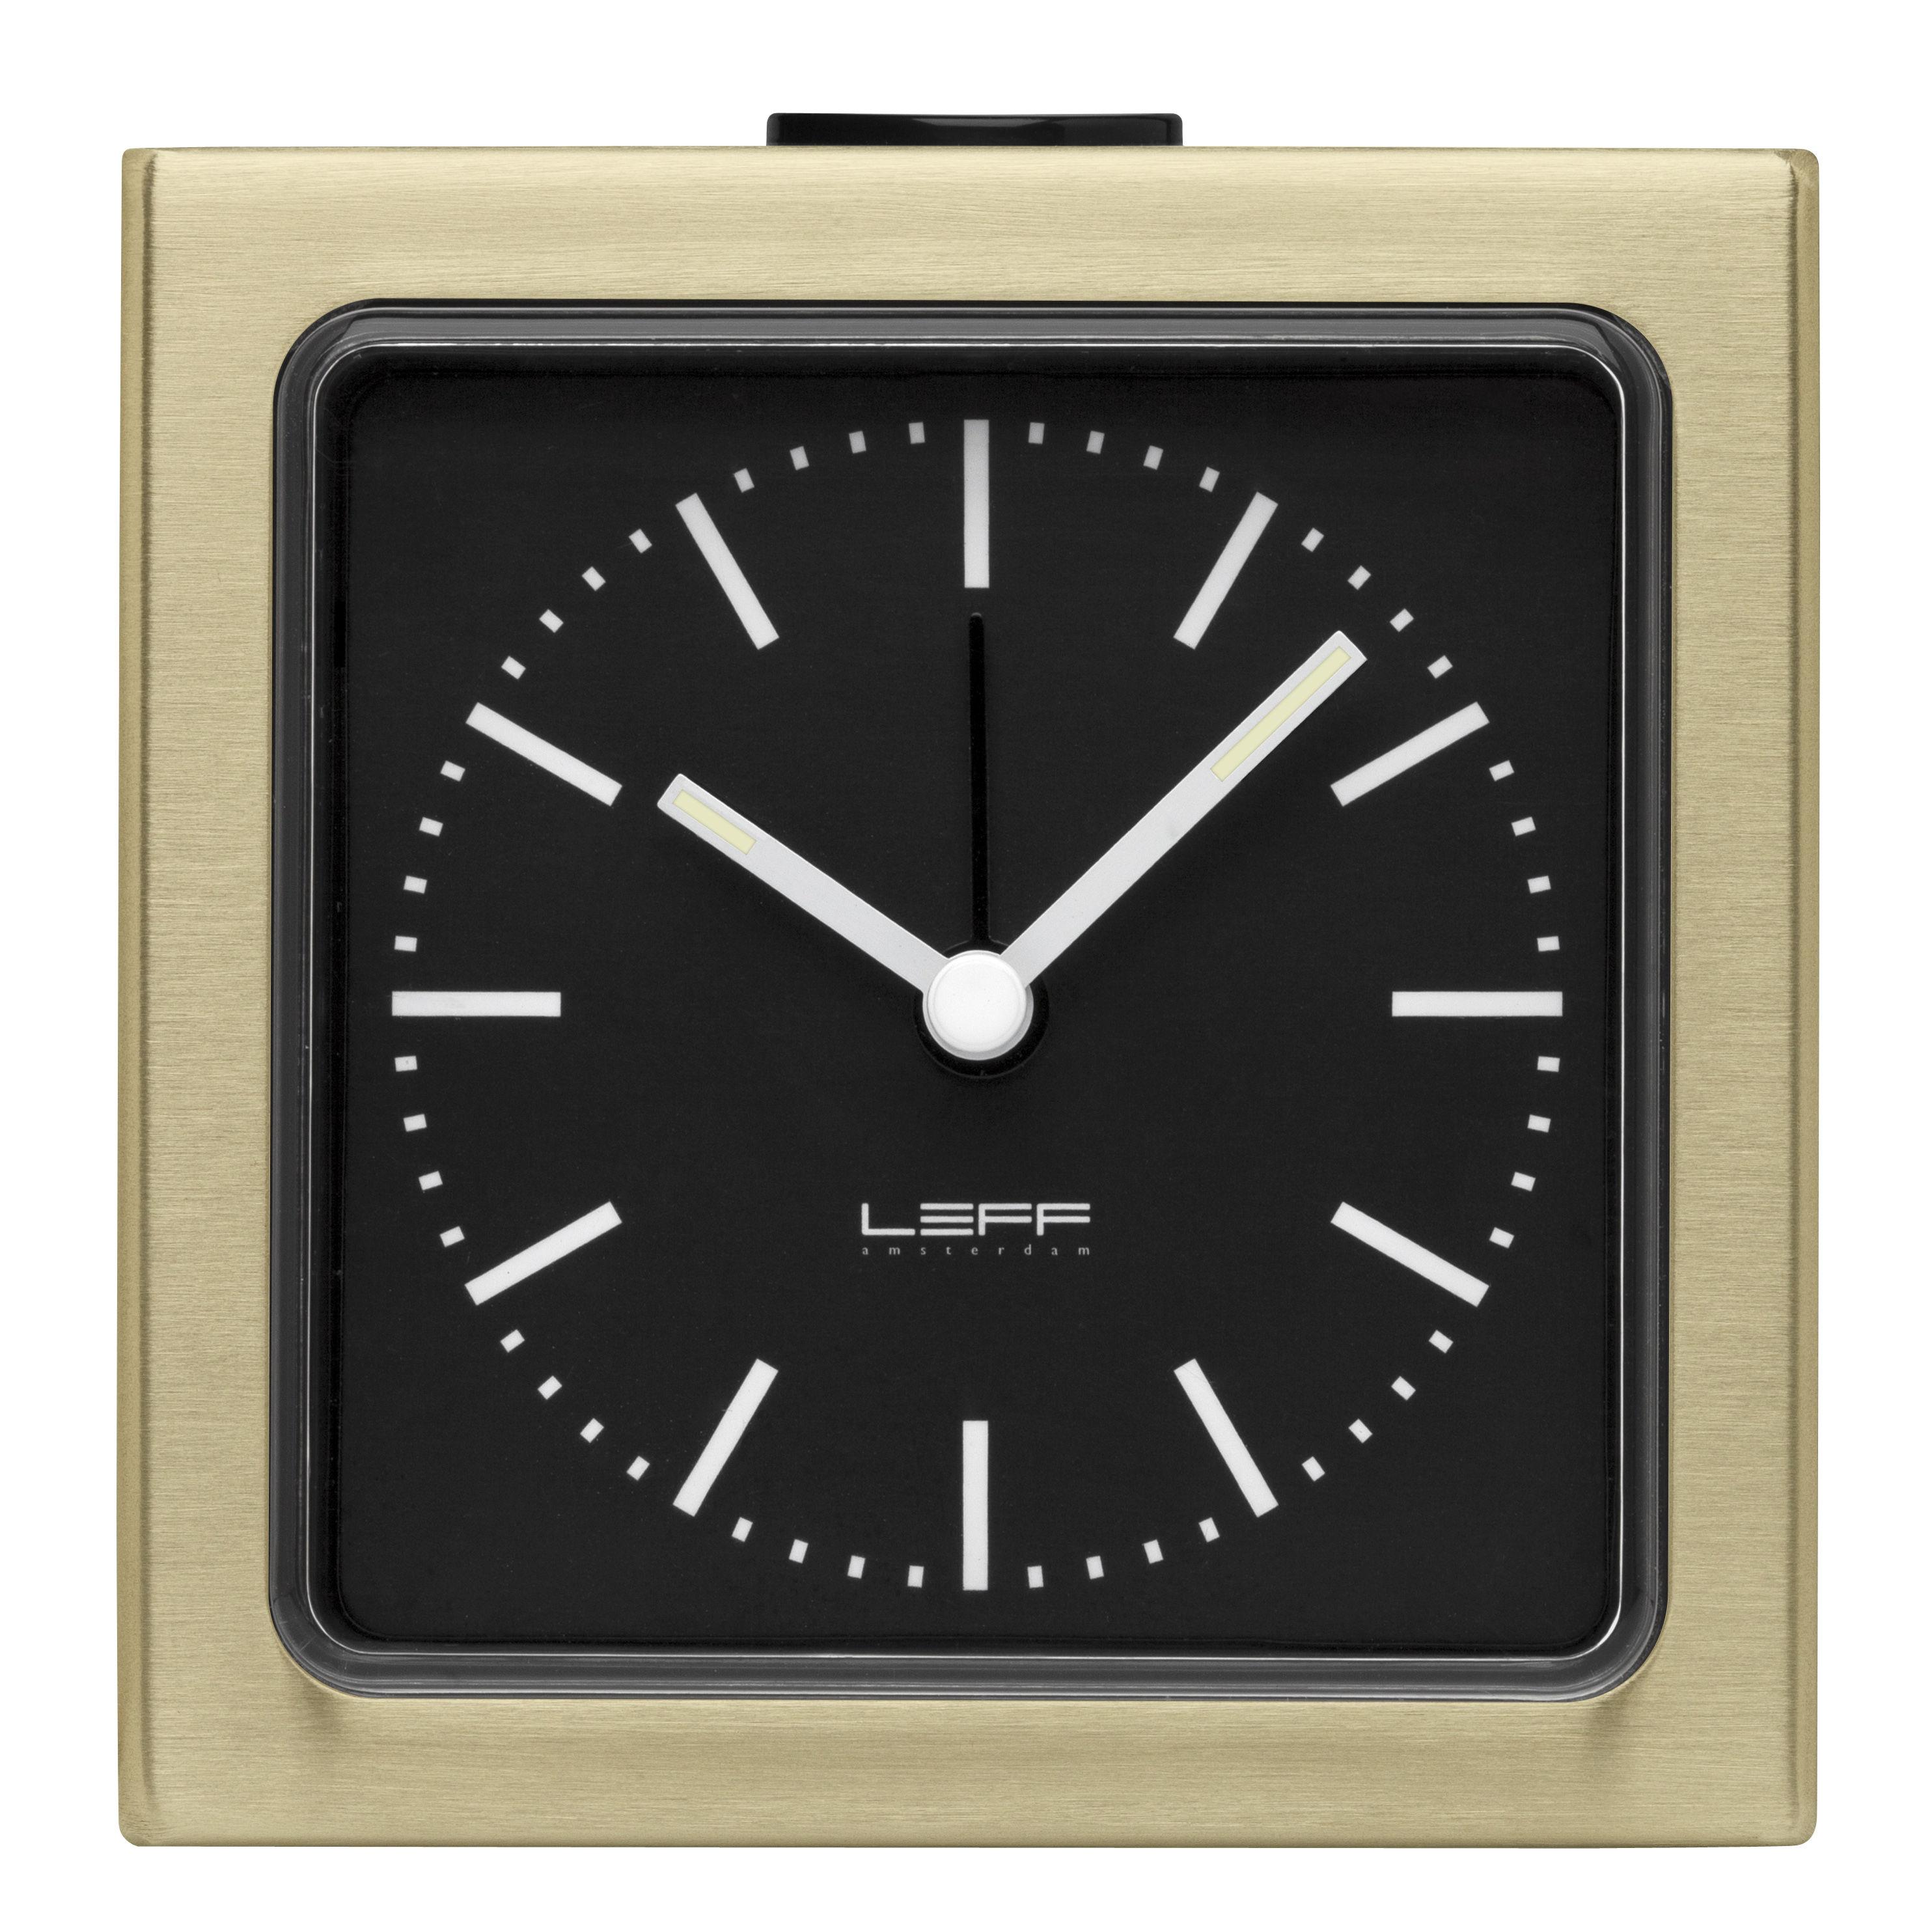 Accessoires - Réveils et radios - Réveil Block / H 8,5 cm - LEFF amsterdam - Cadre laiton / Fond noir - ABS, Acier inoxydable, PMMA